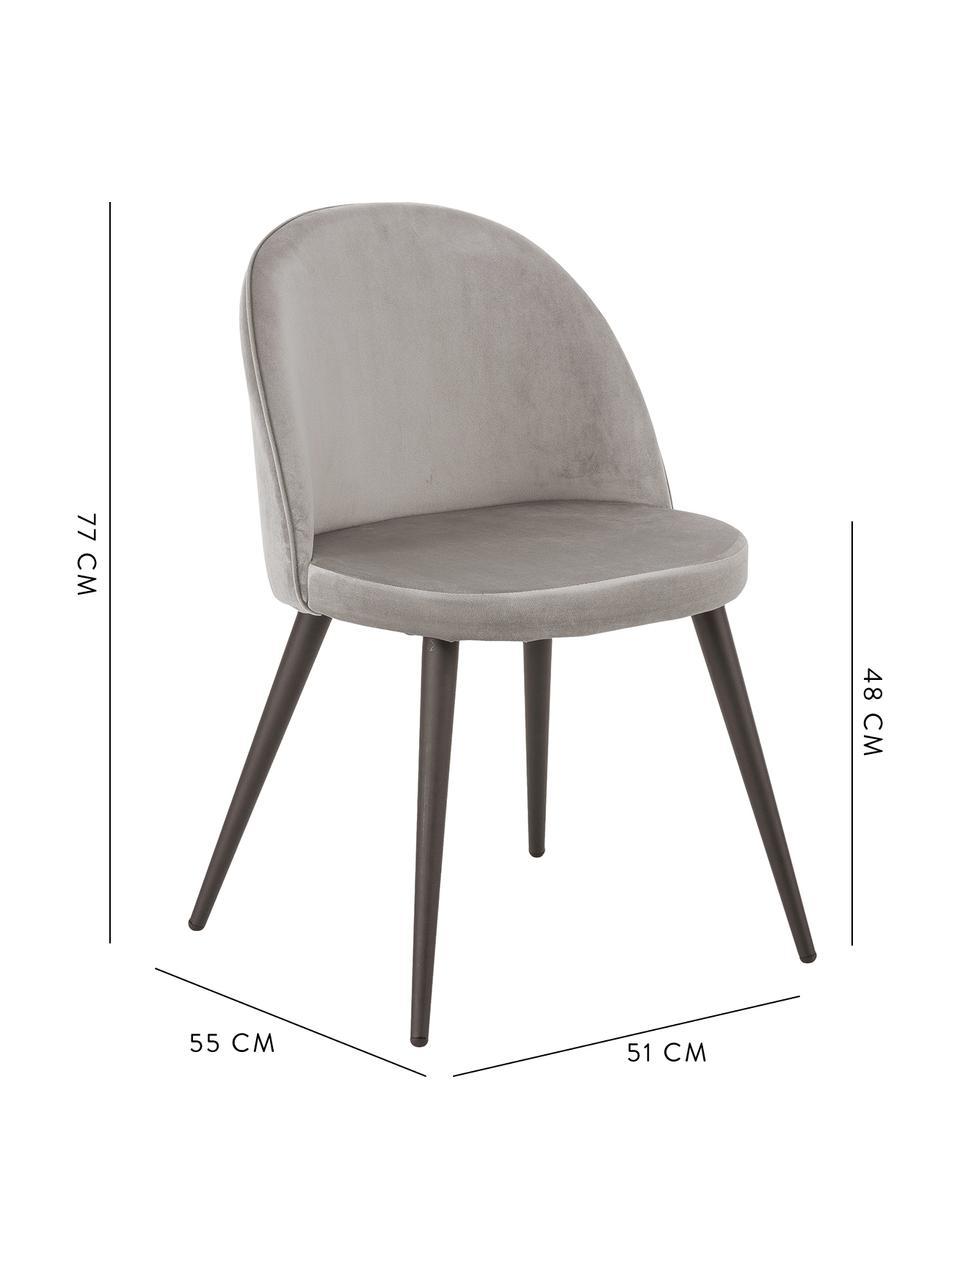 Krzesło tapicerowane z aksamitu Amy, 2 szt., Tapicerka: aksamit (poliester) Dzięk, Nogi: metal malowany proszkowo, Szary, S 51 x G 55 cm